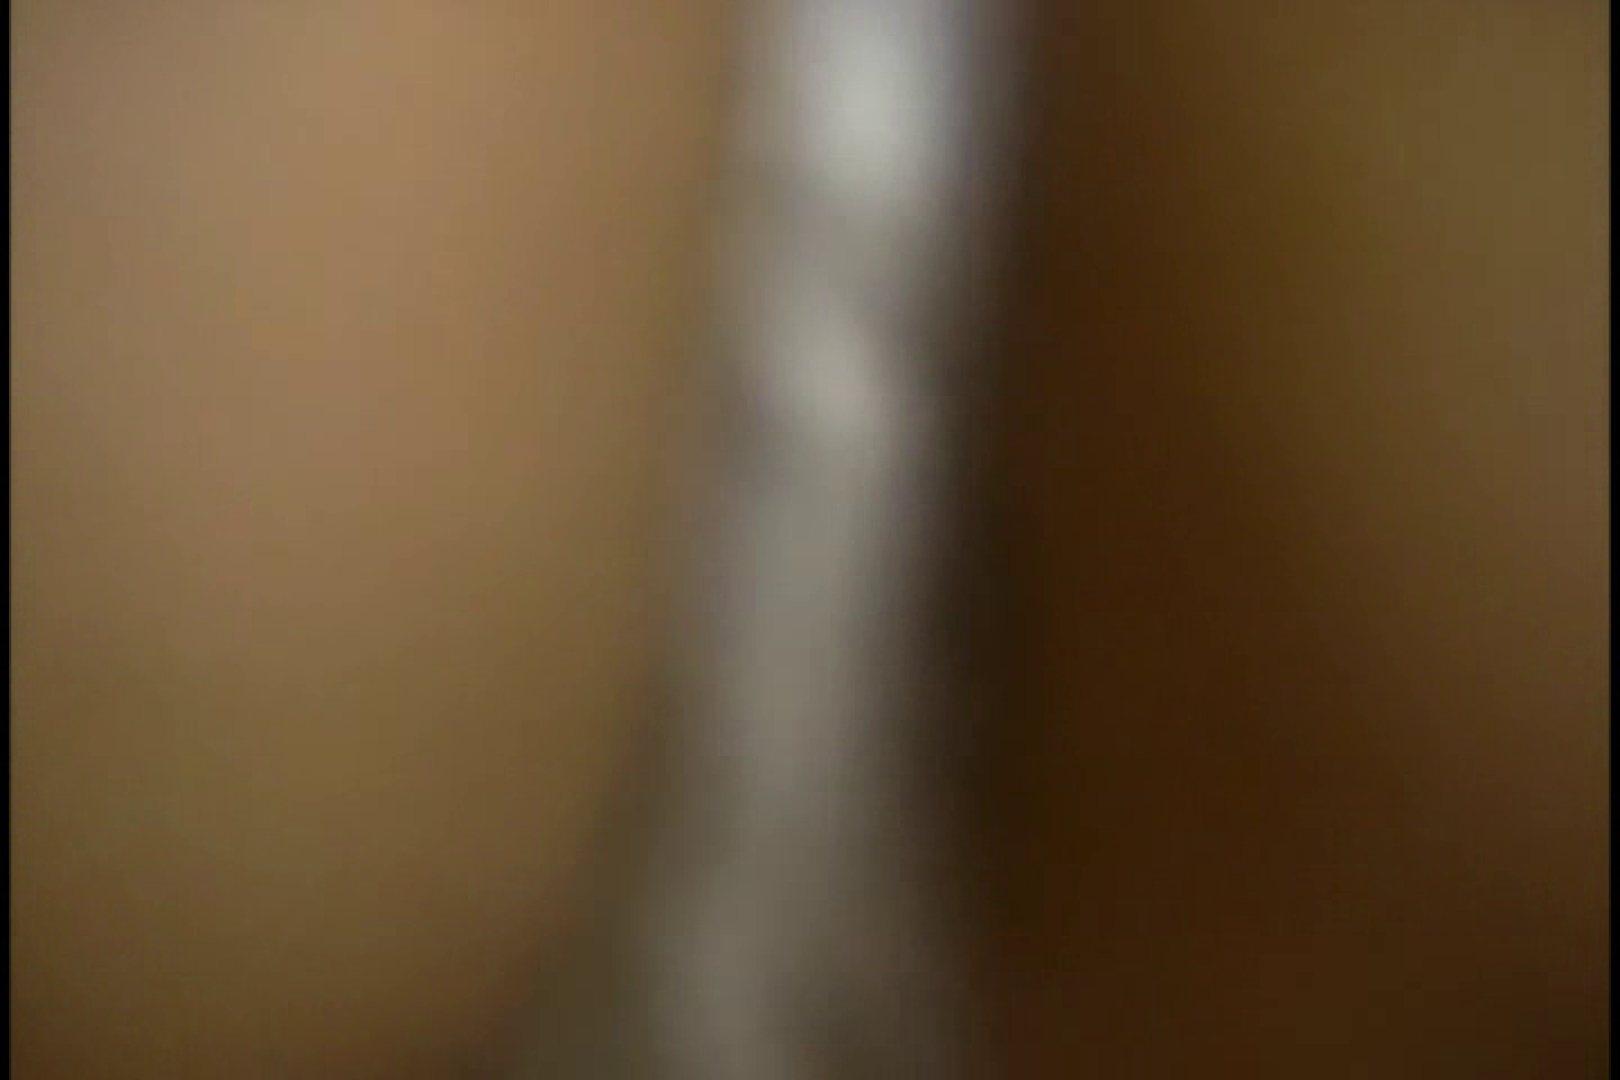 ウイルス流出 Sachiのアルバム ホテル えろ無修正画像 91pic 63